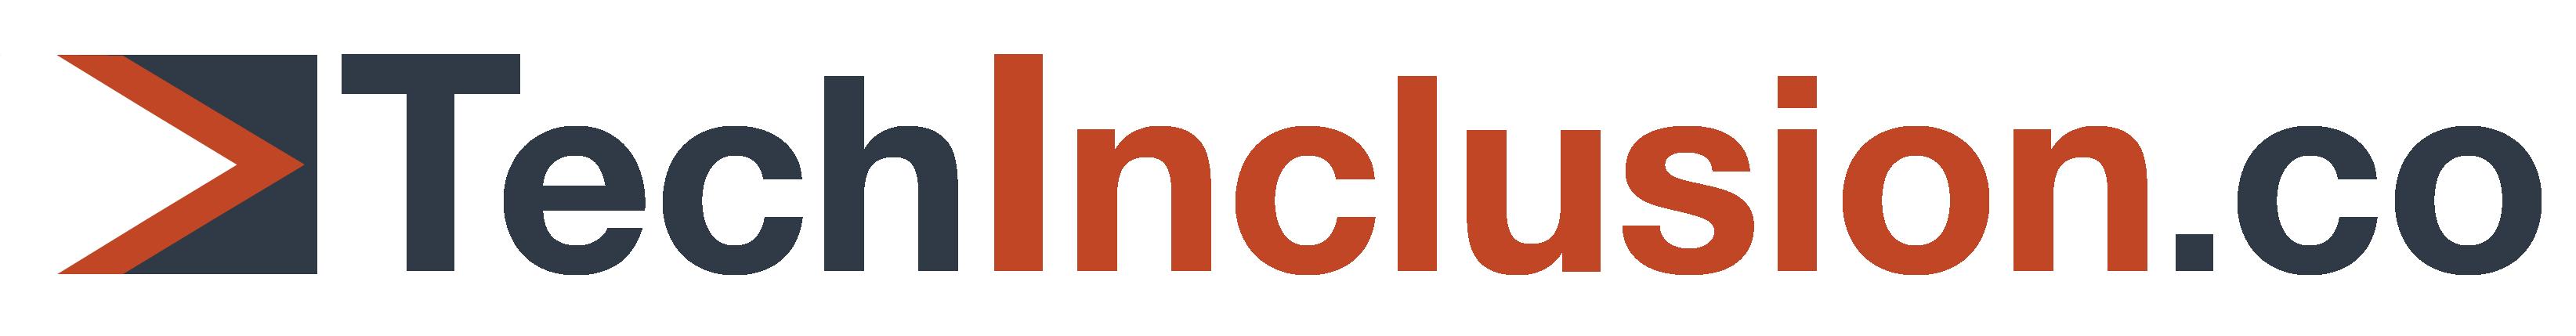 TechInclusion.co